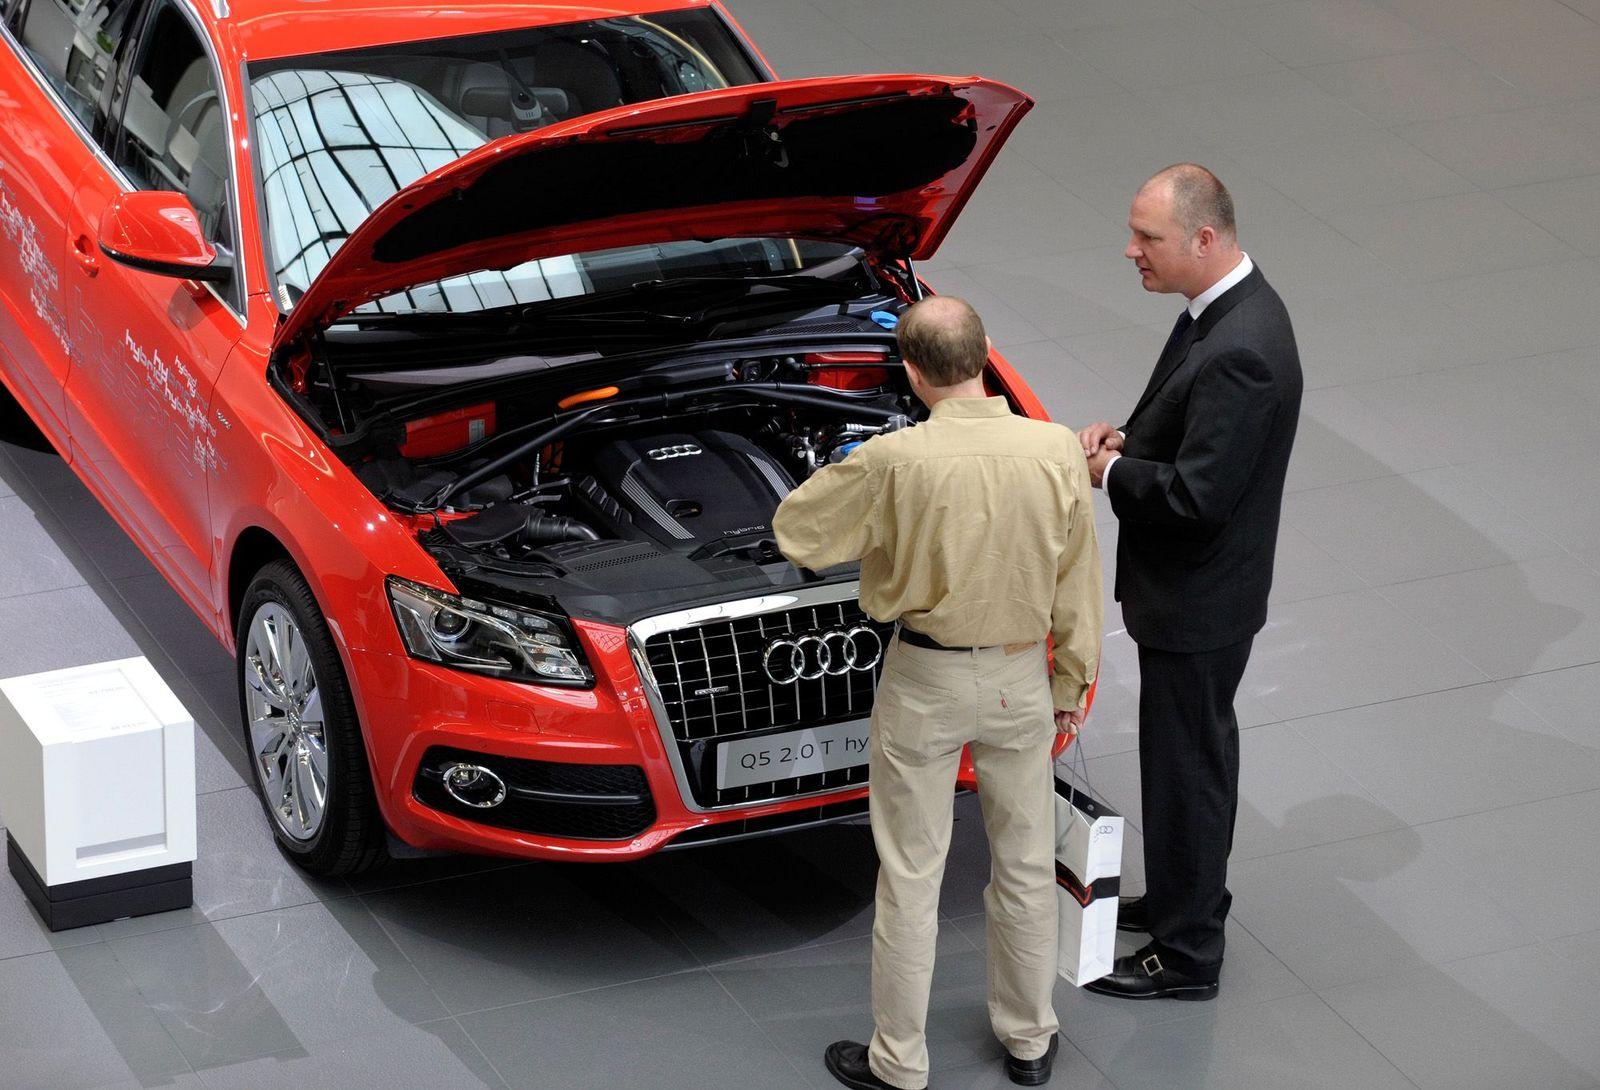 NICHT VERWENDEN Autokauf / Audi